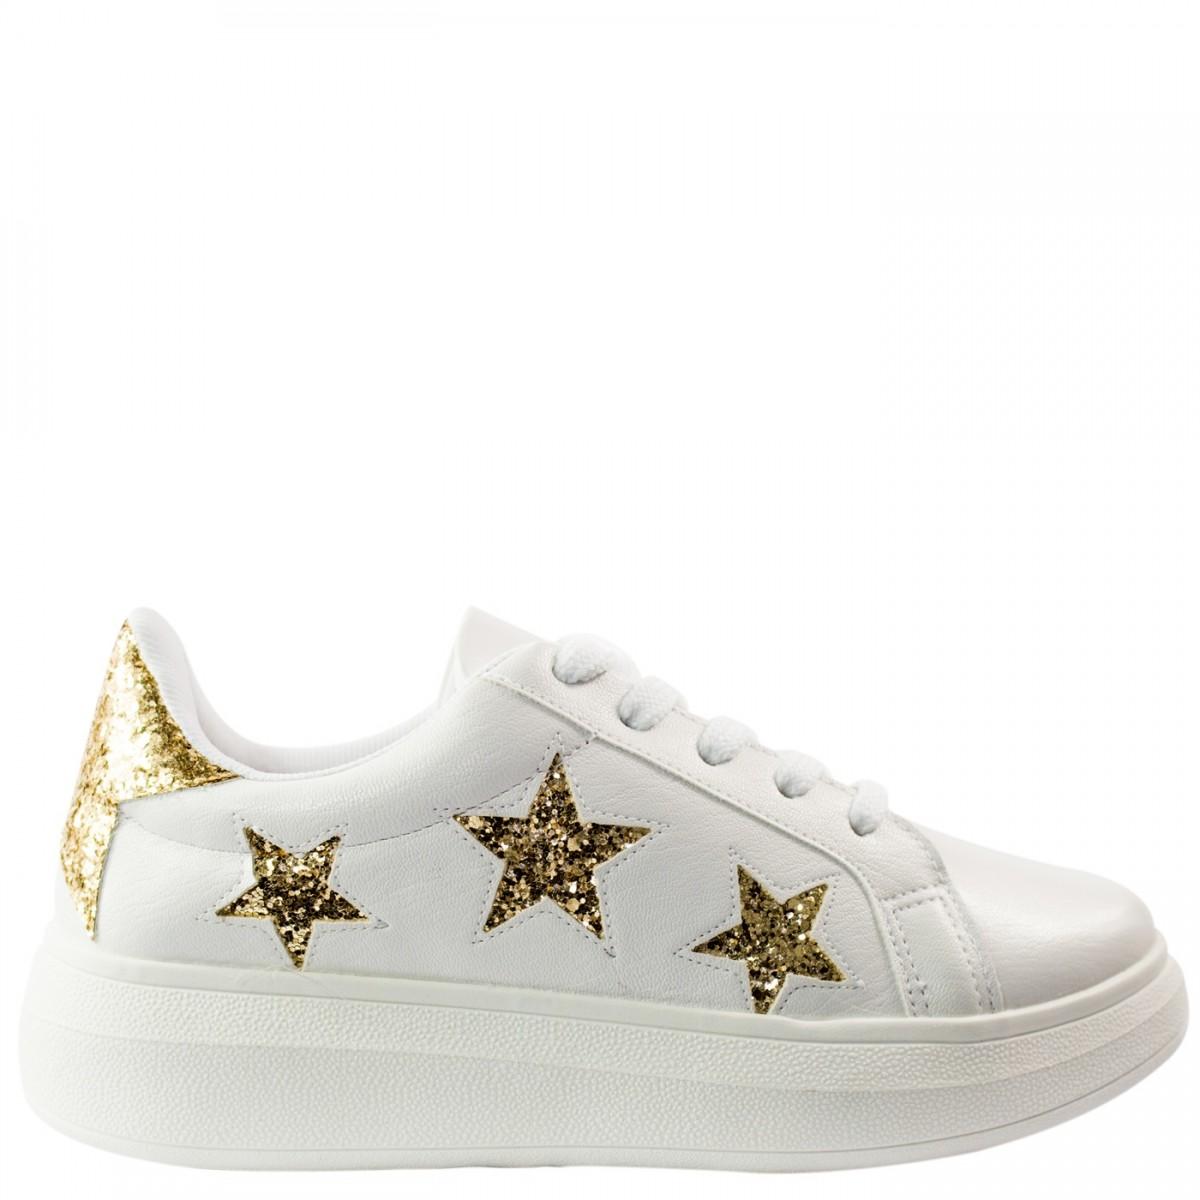 eaac96f32bf Bizz Store - Tênis Feminino Vizzano Estrelas Glitter Branco